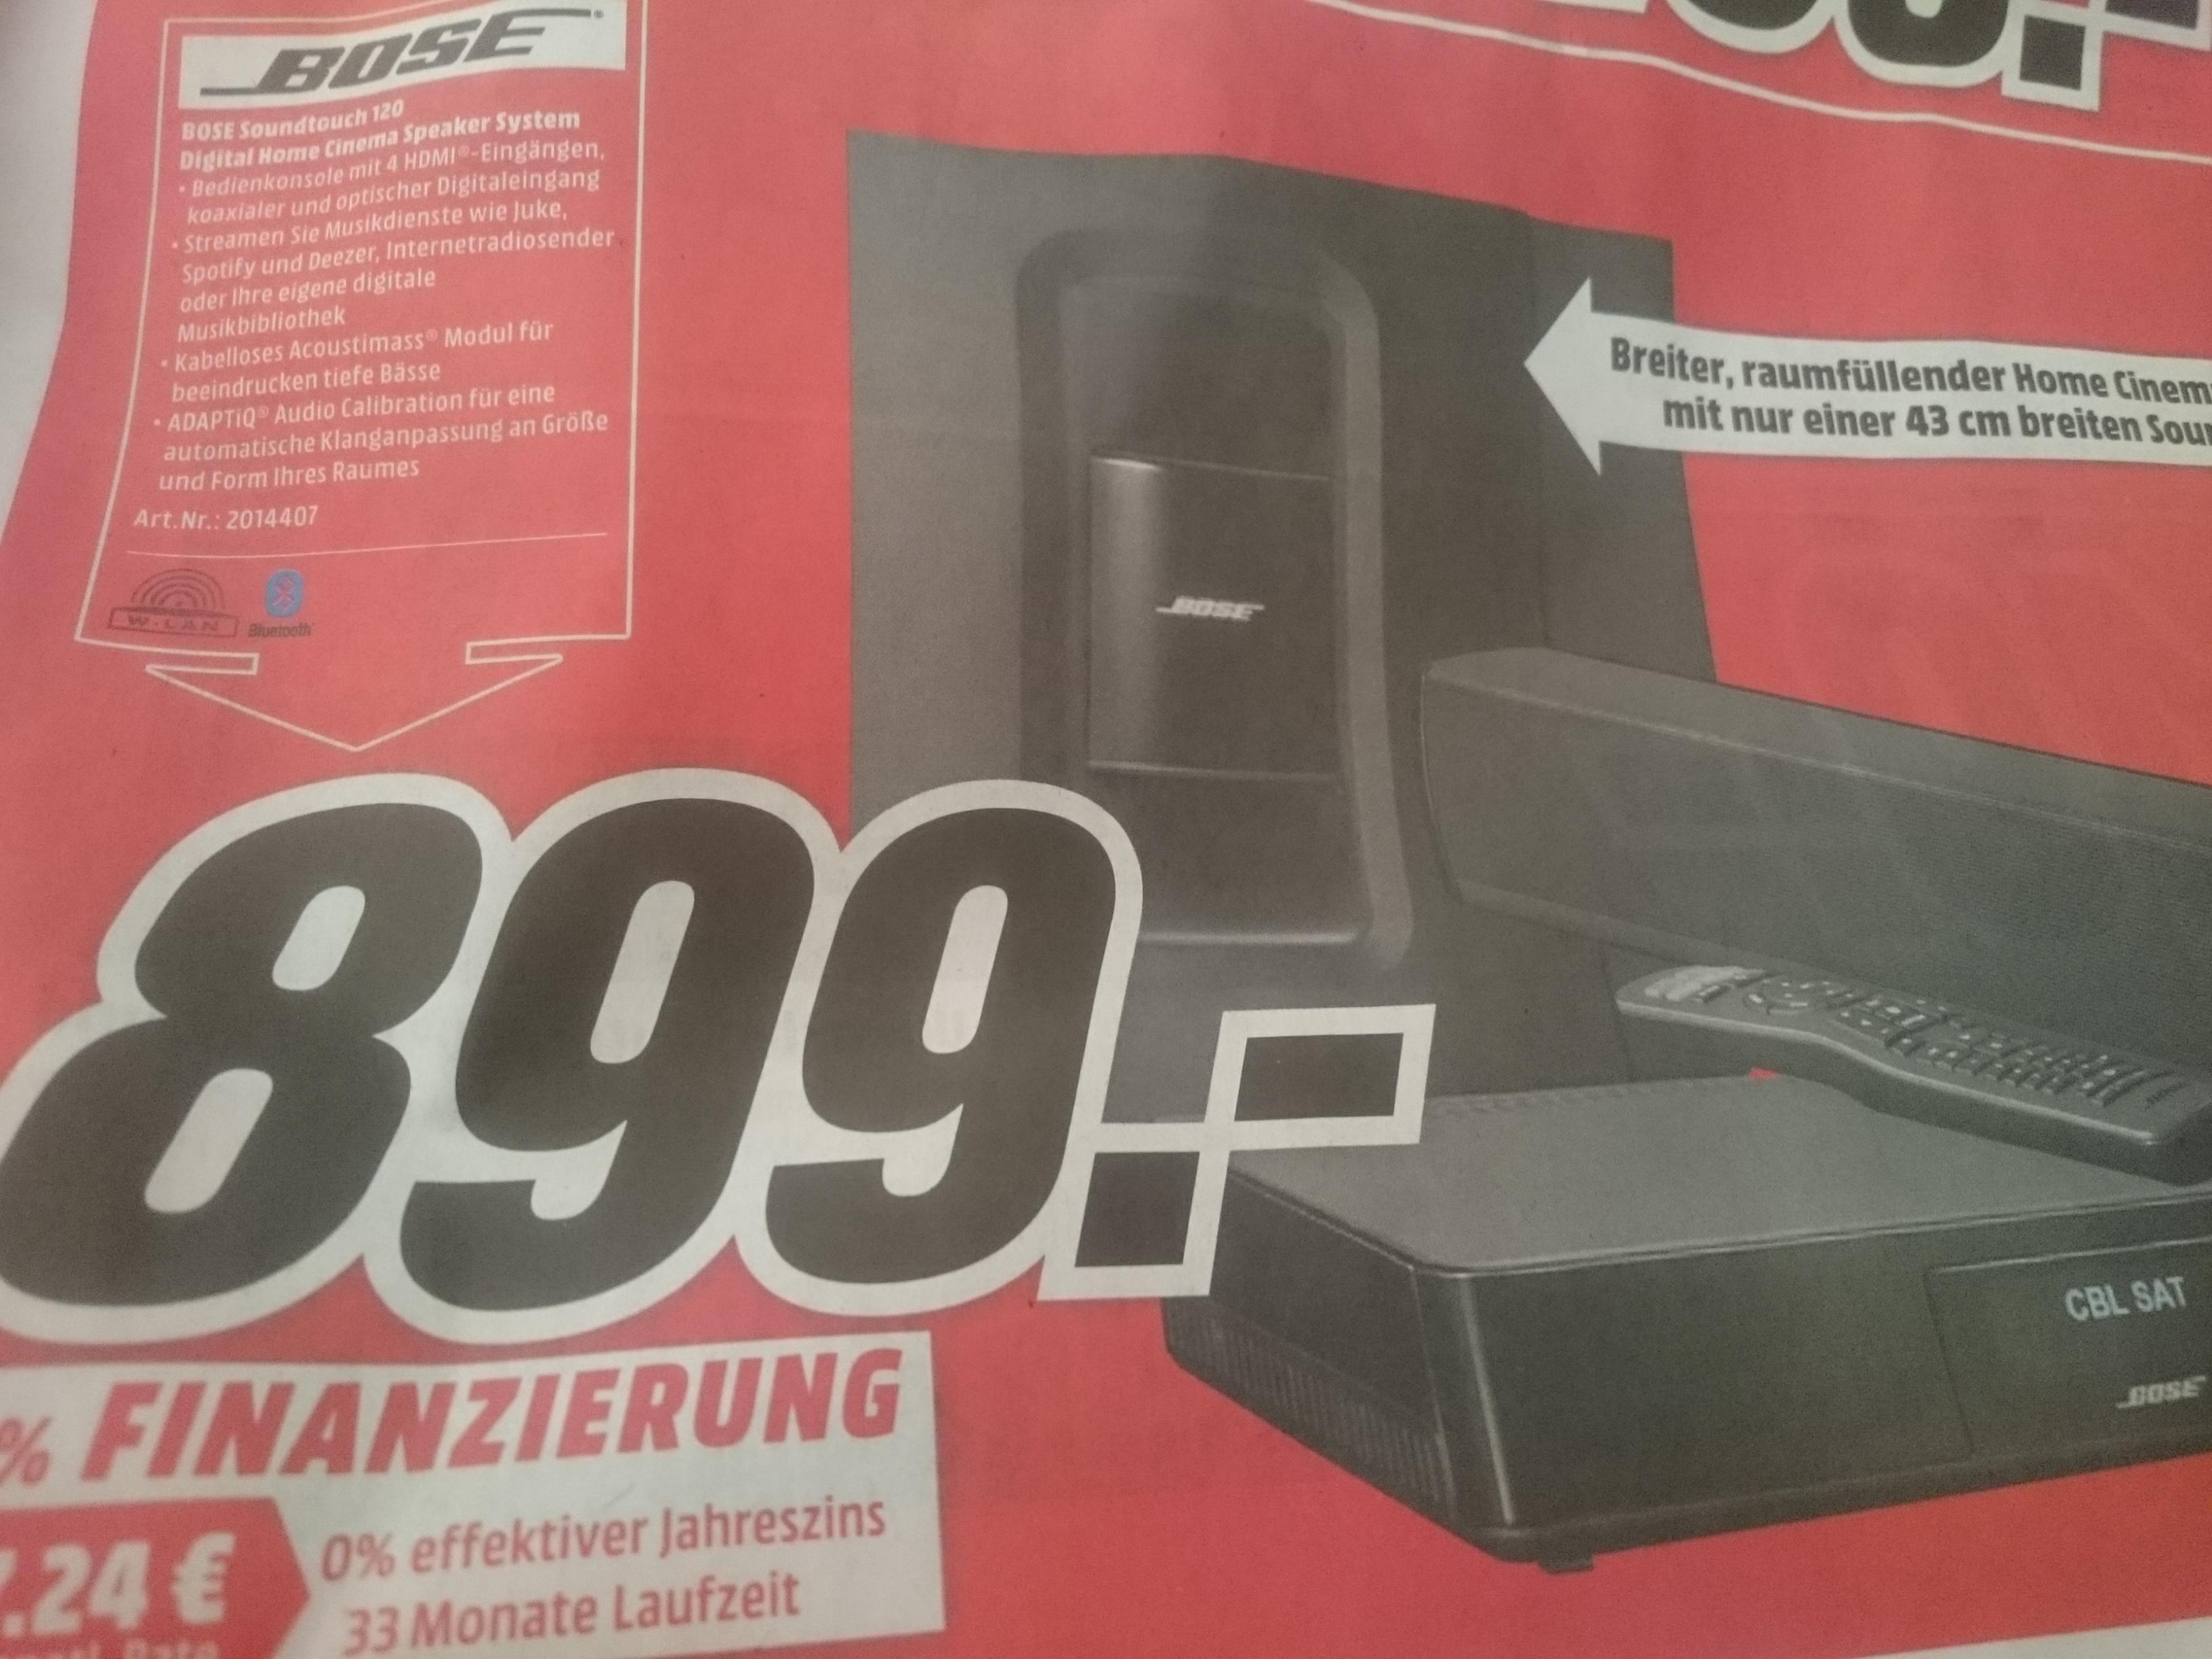 [lokal Mediamarkt Ingolstadt] Bose Soundtouch 120 für 899 €